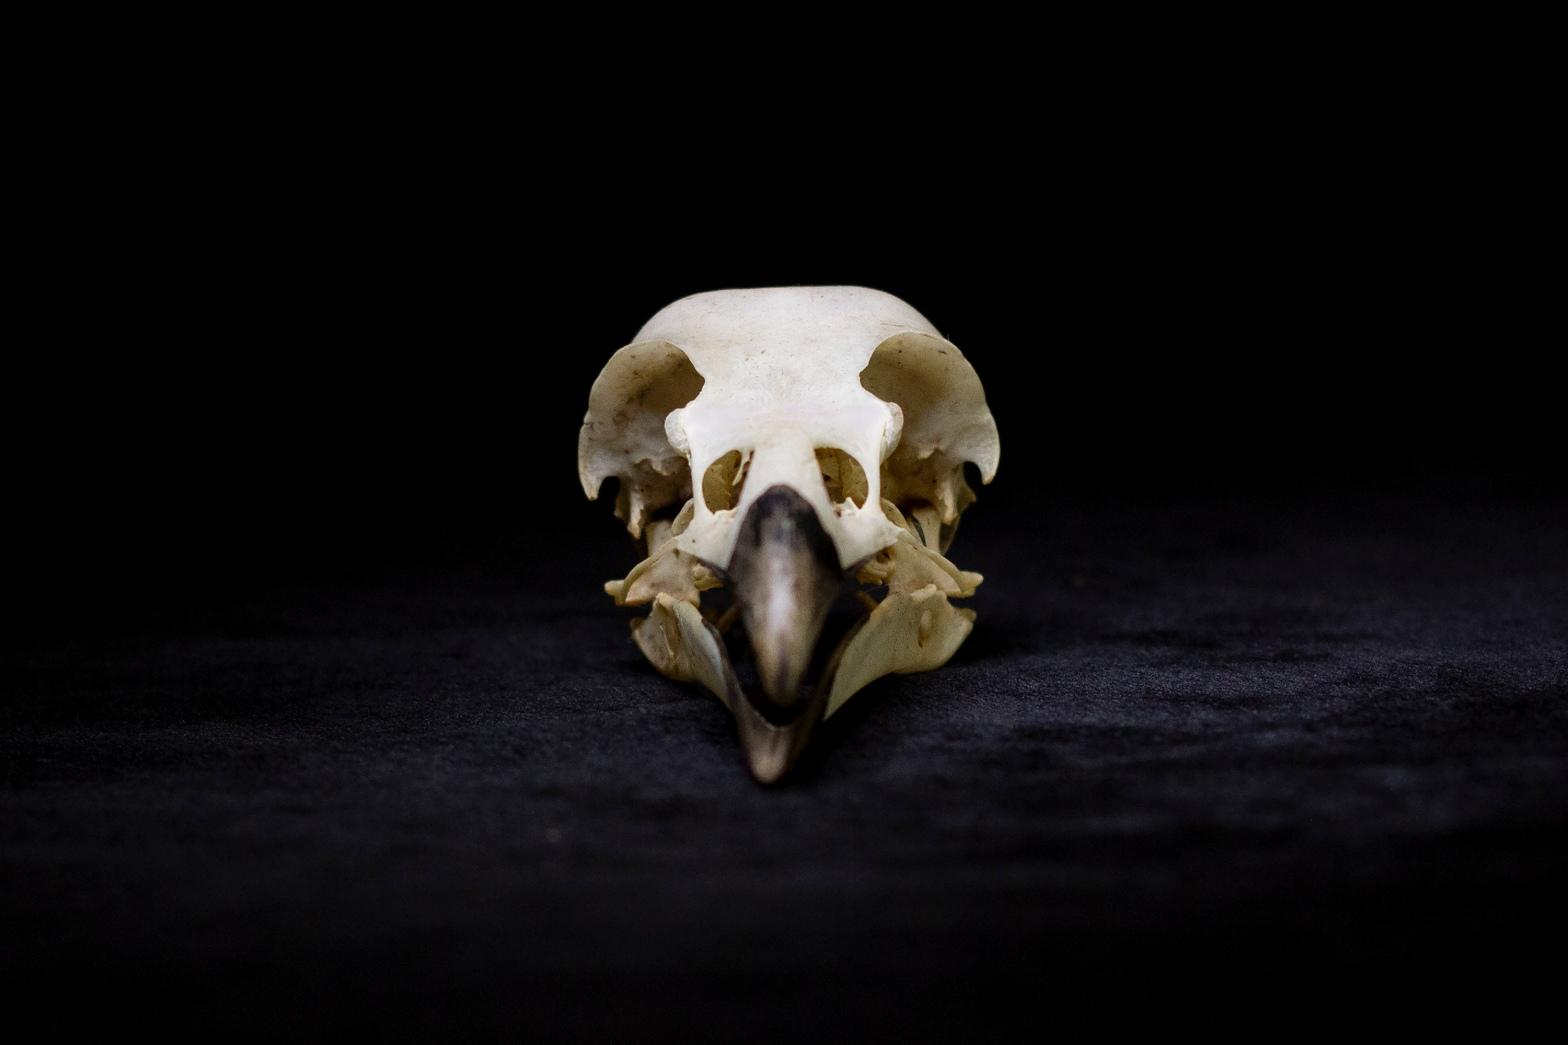 Eye of the Corvus by Kim V. Goldsmith